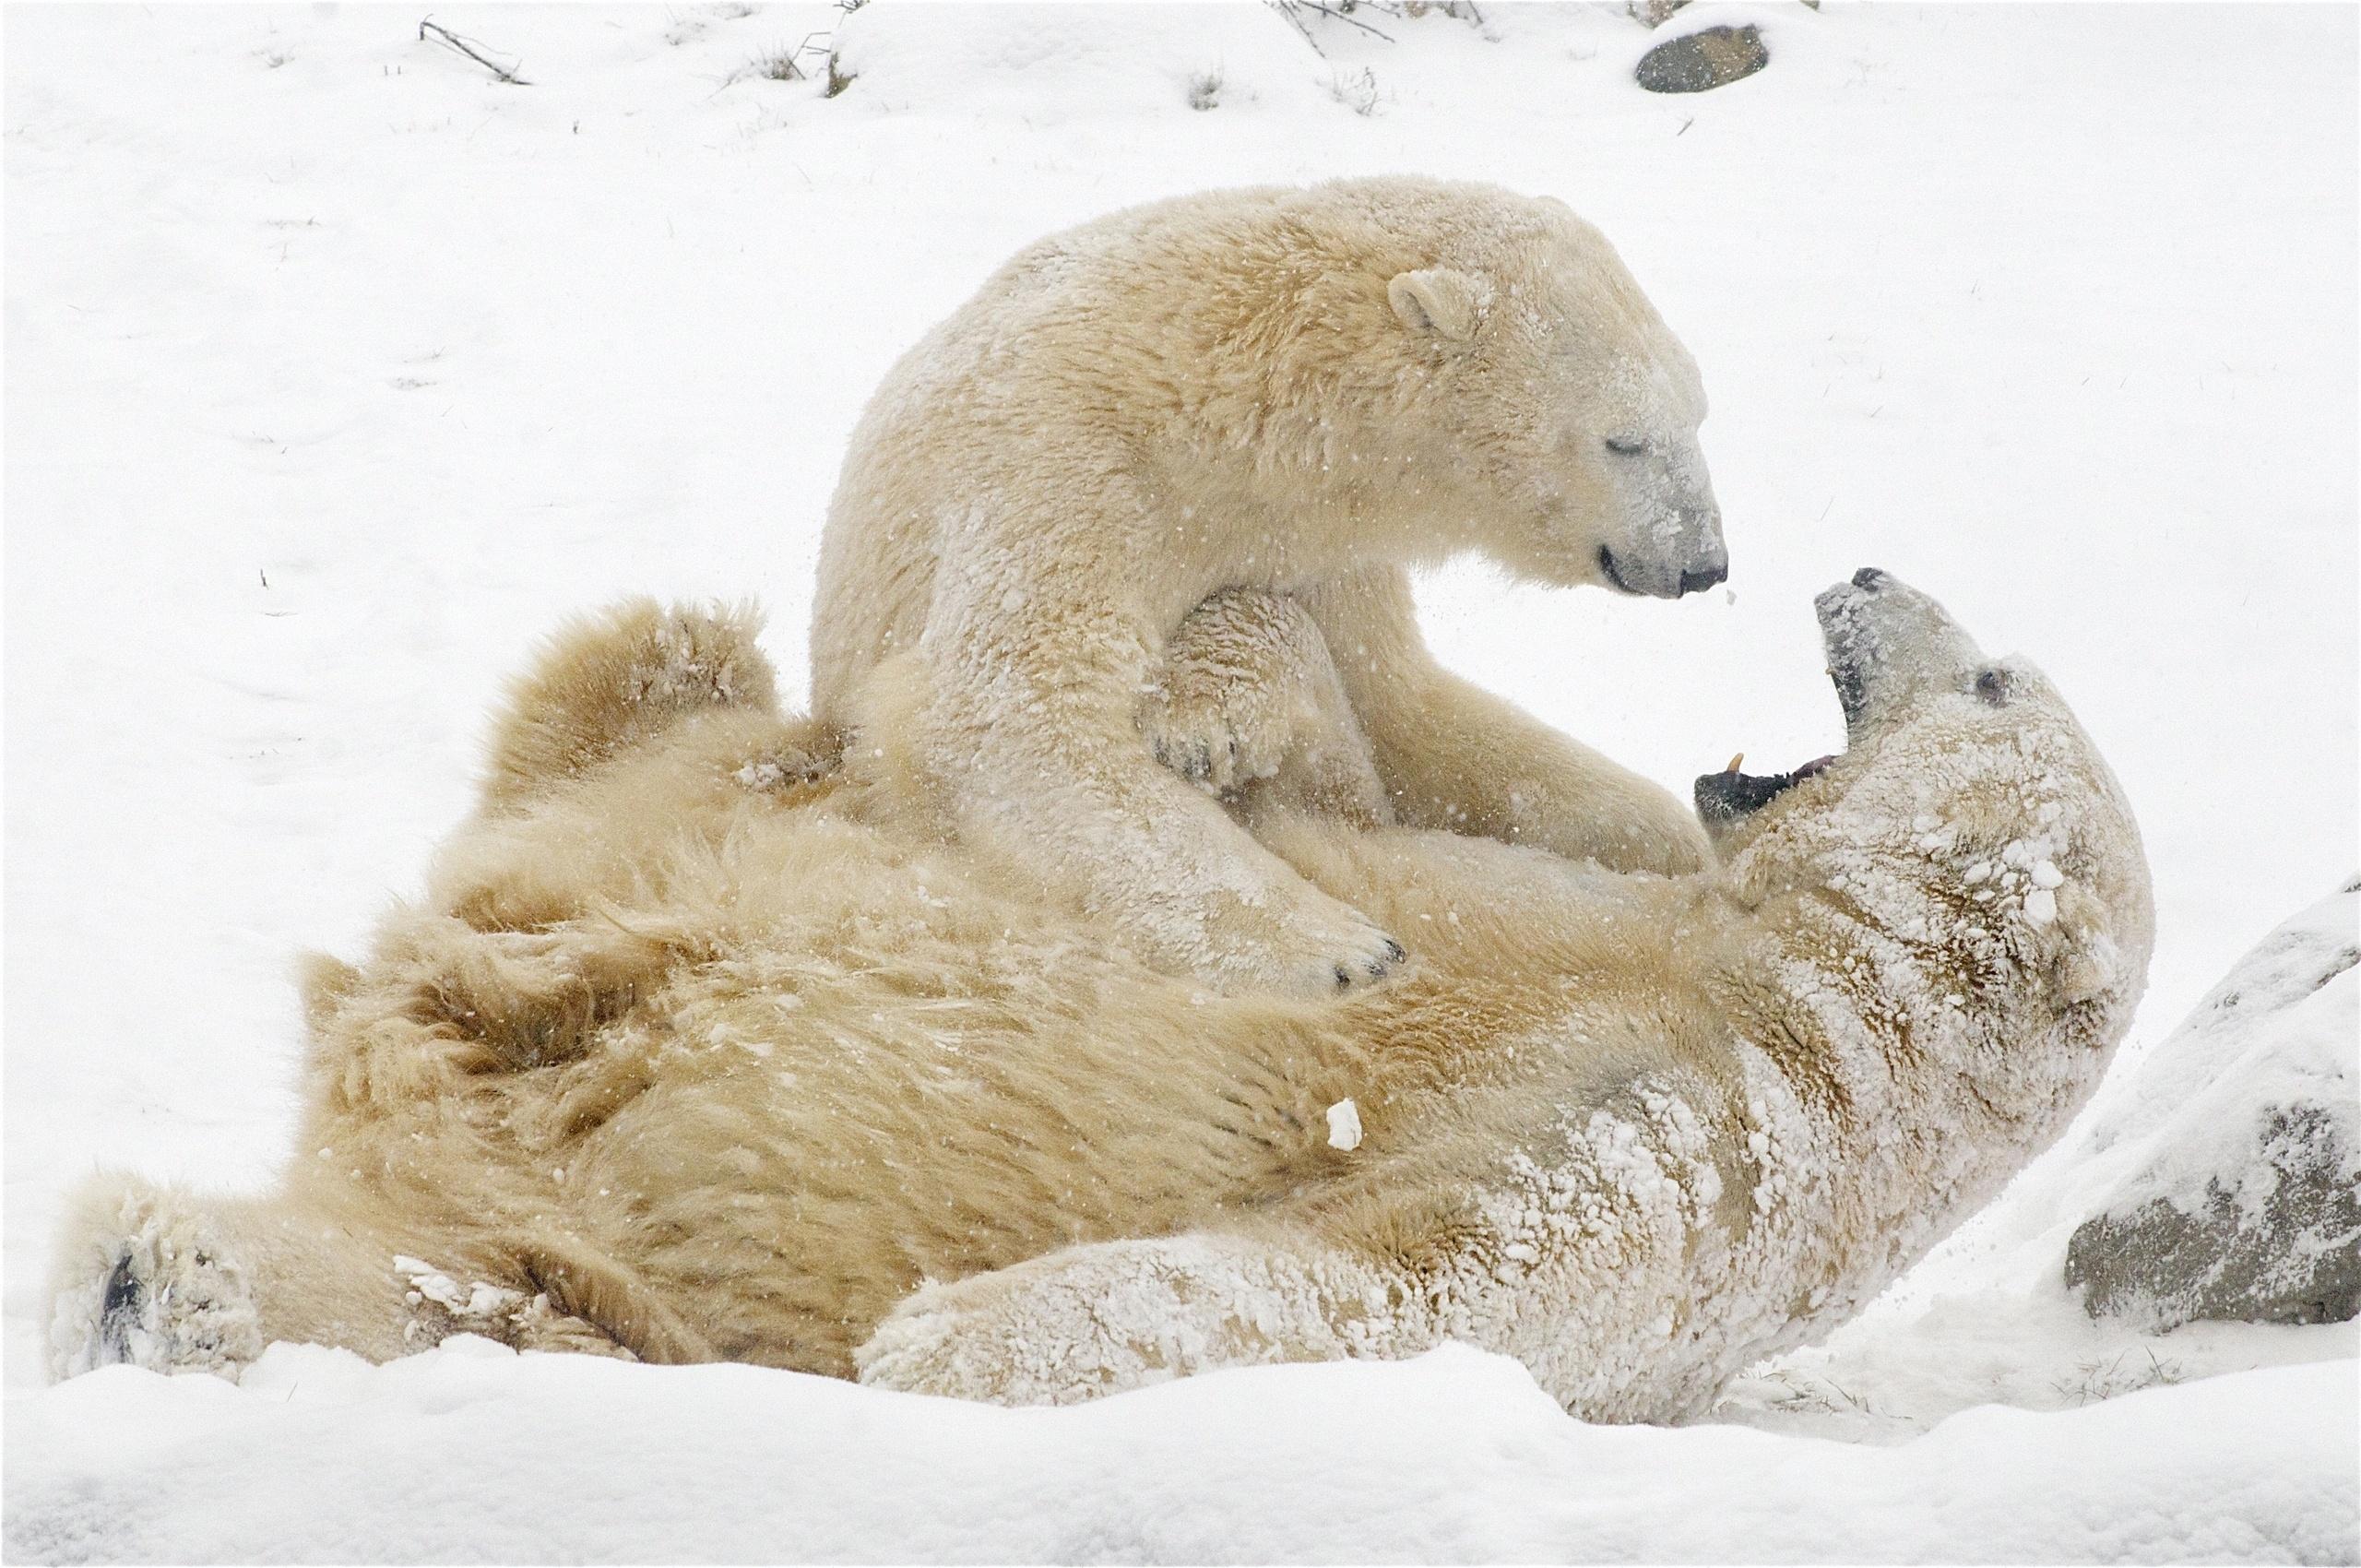 119369 Hintergrundbild herunterladen Spiele, Tiere, Winterreifen, Schnee, Bären, Weiße Bären, Eisbären - Bildschirmschoner und Bilder kostenlos